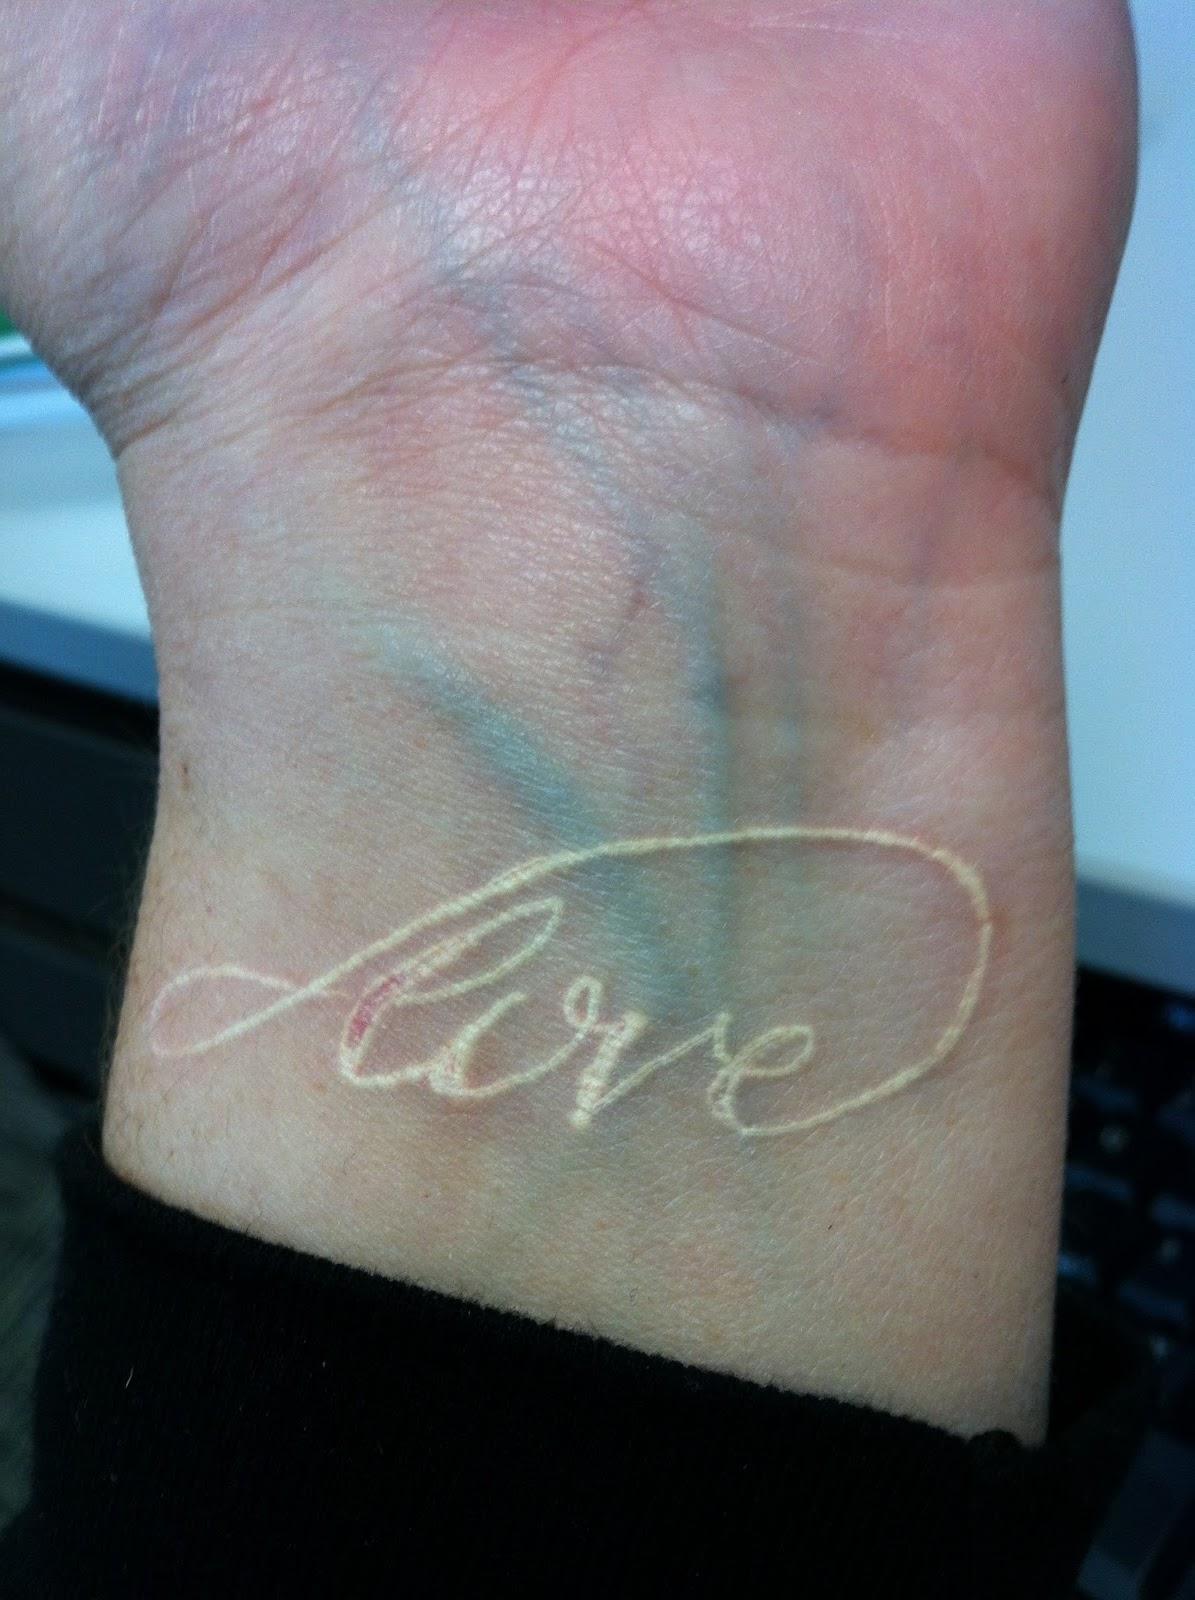 Healed White Ink Cross Tattoo Love Word White Ink Tattoo